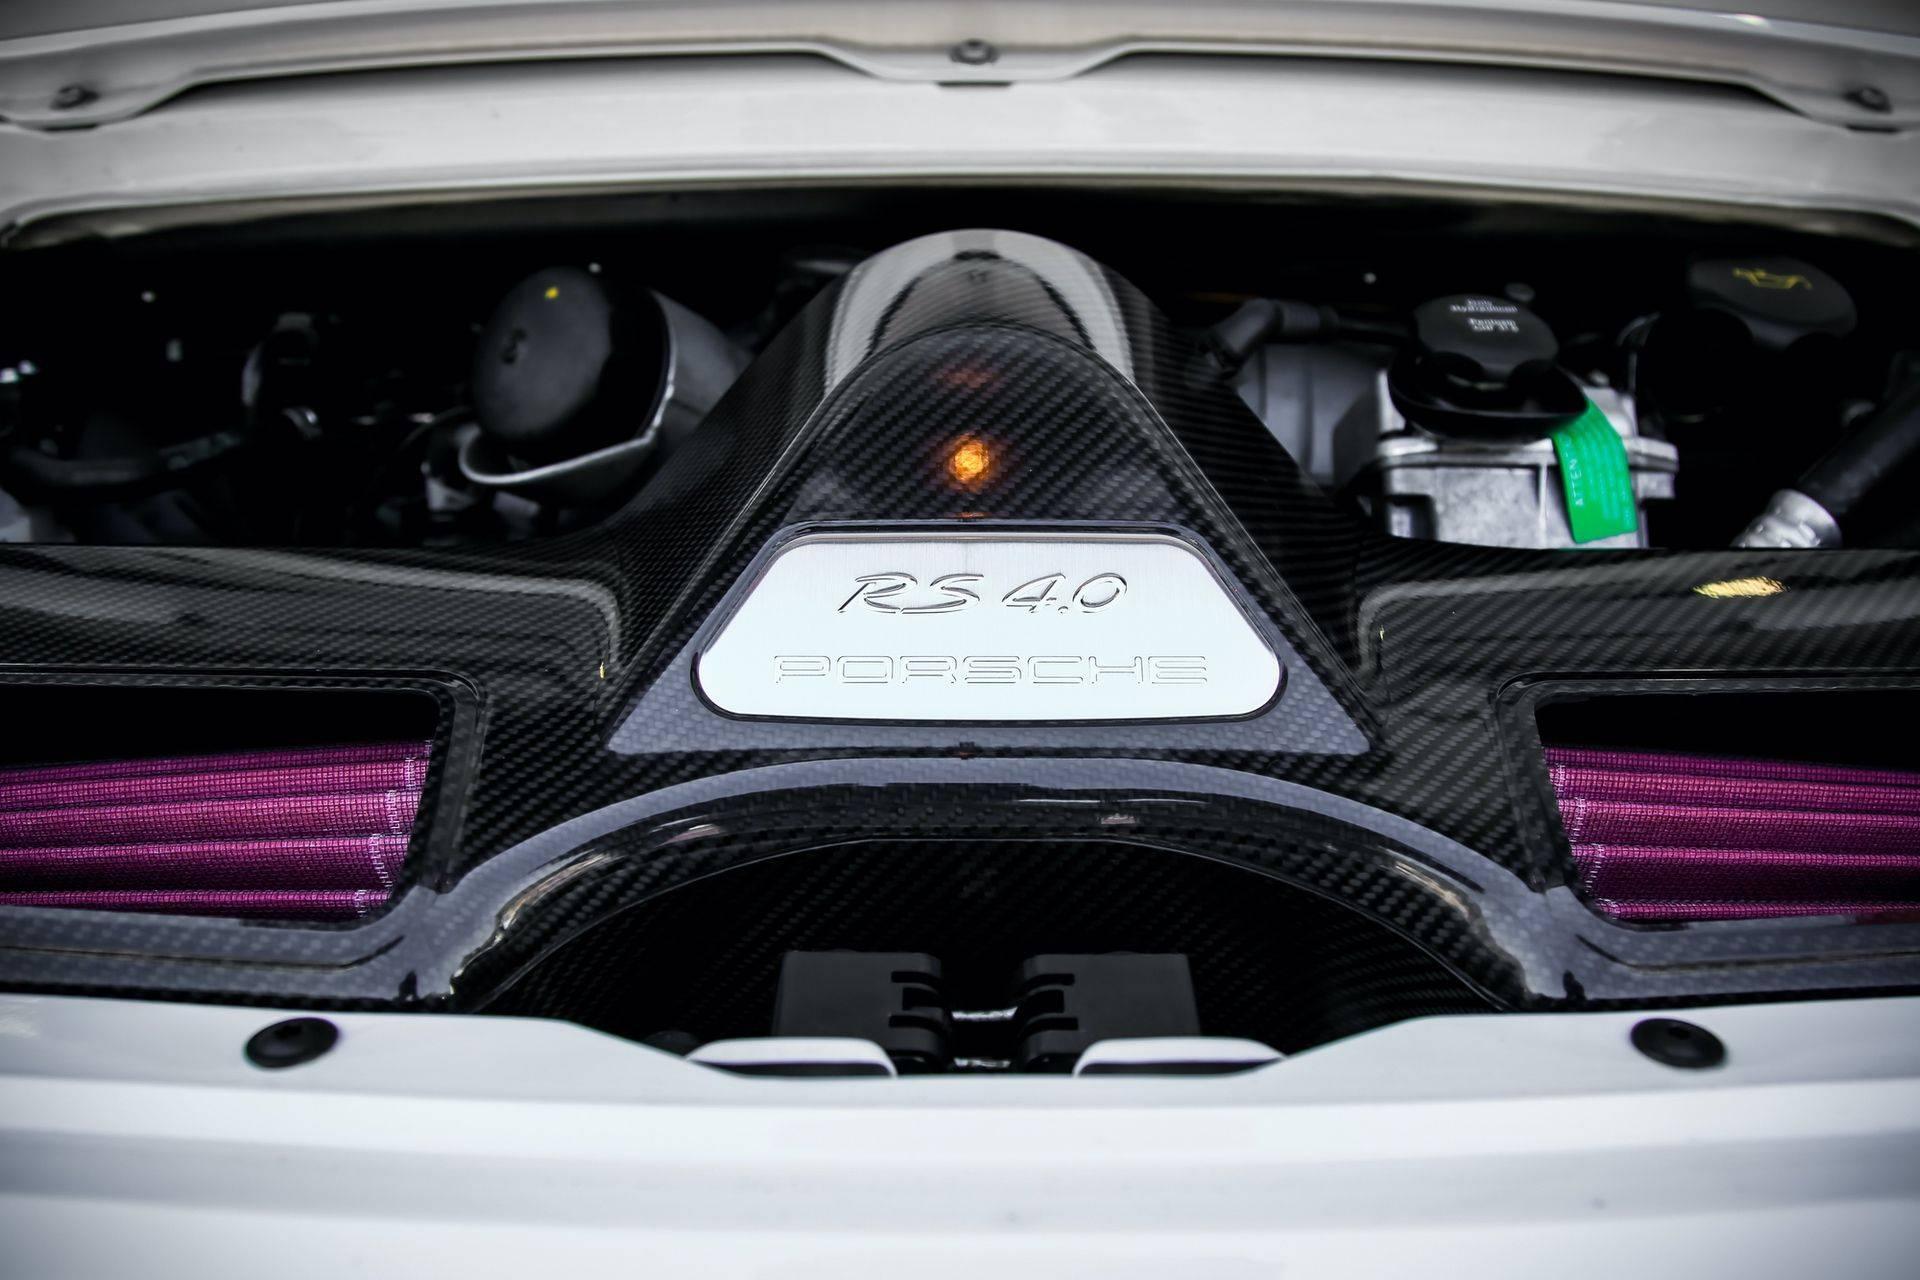 2011_Porsche_911_GT3_RS_4.0_sale_0002